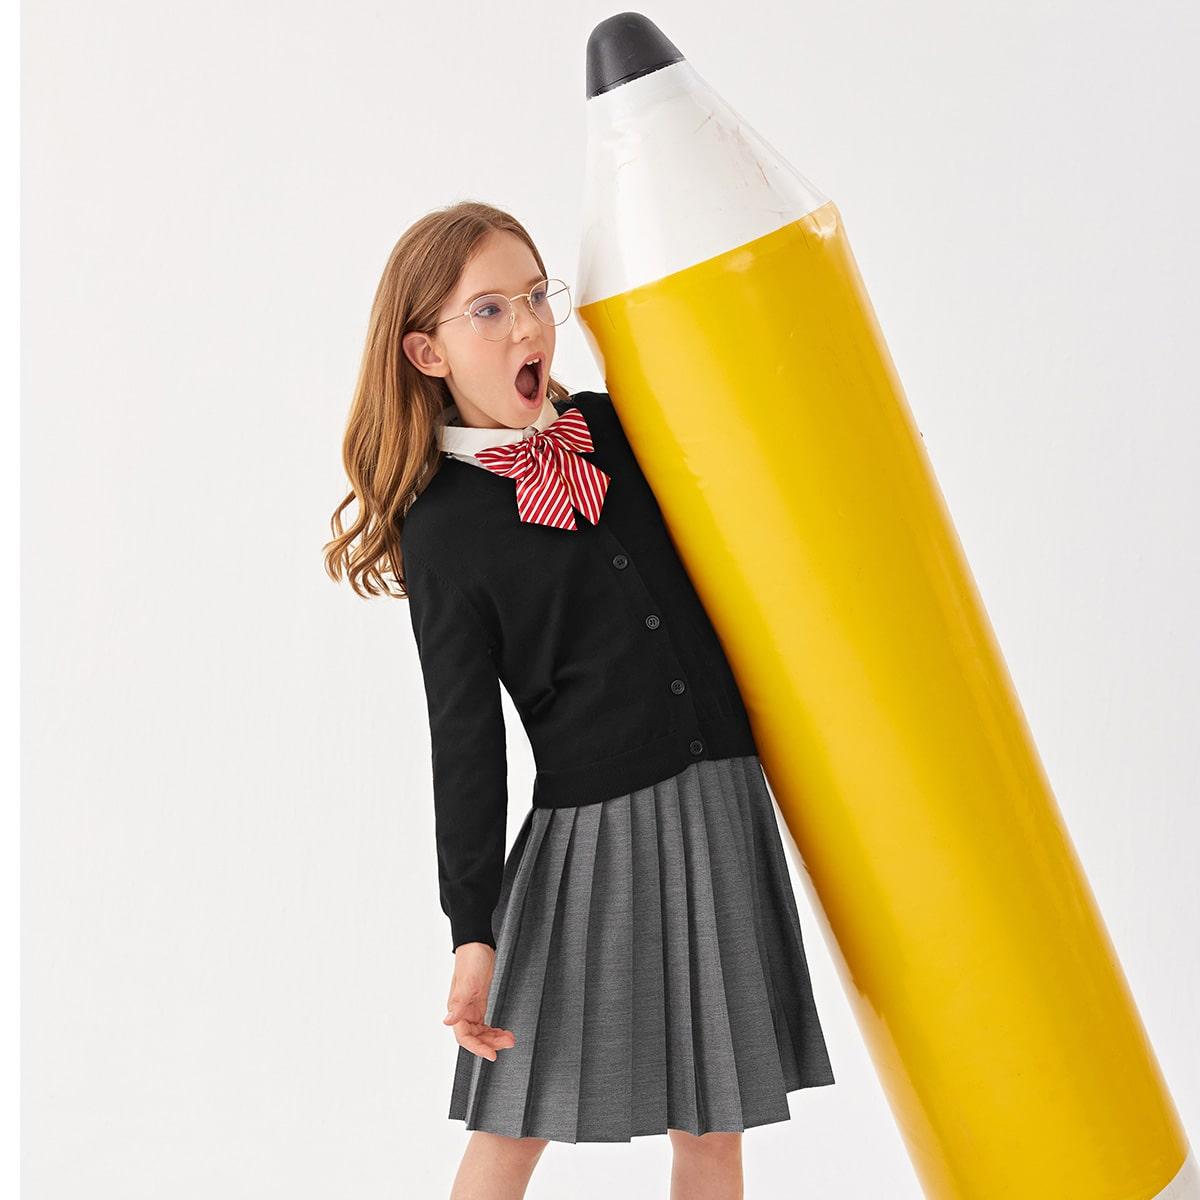 Однотонный школьный кардиган для девочек SheIn sk2106195620624539